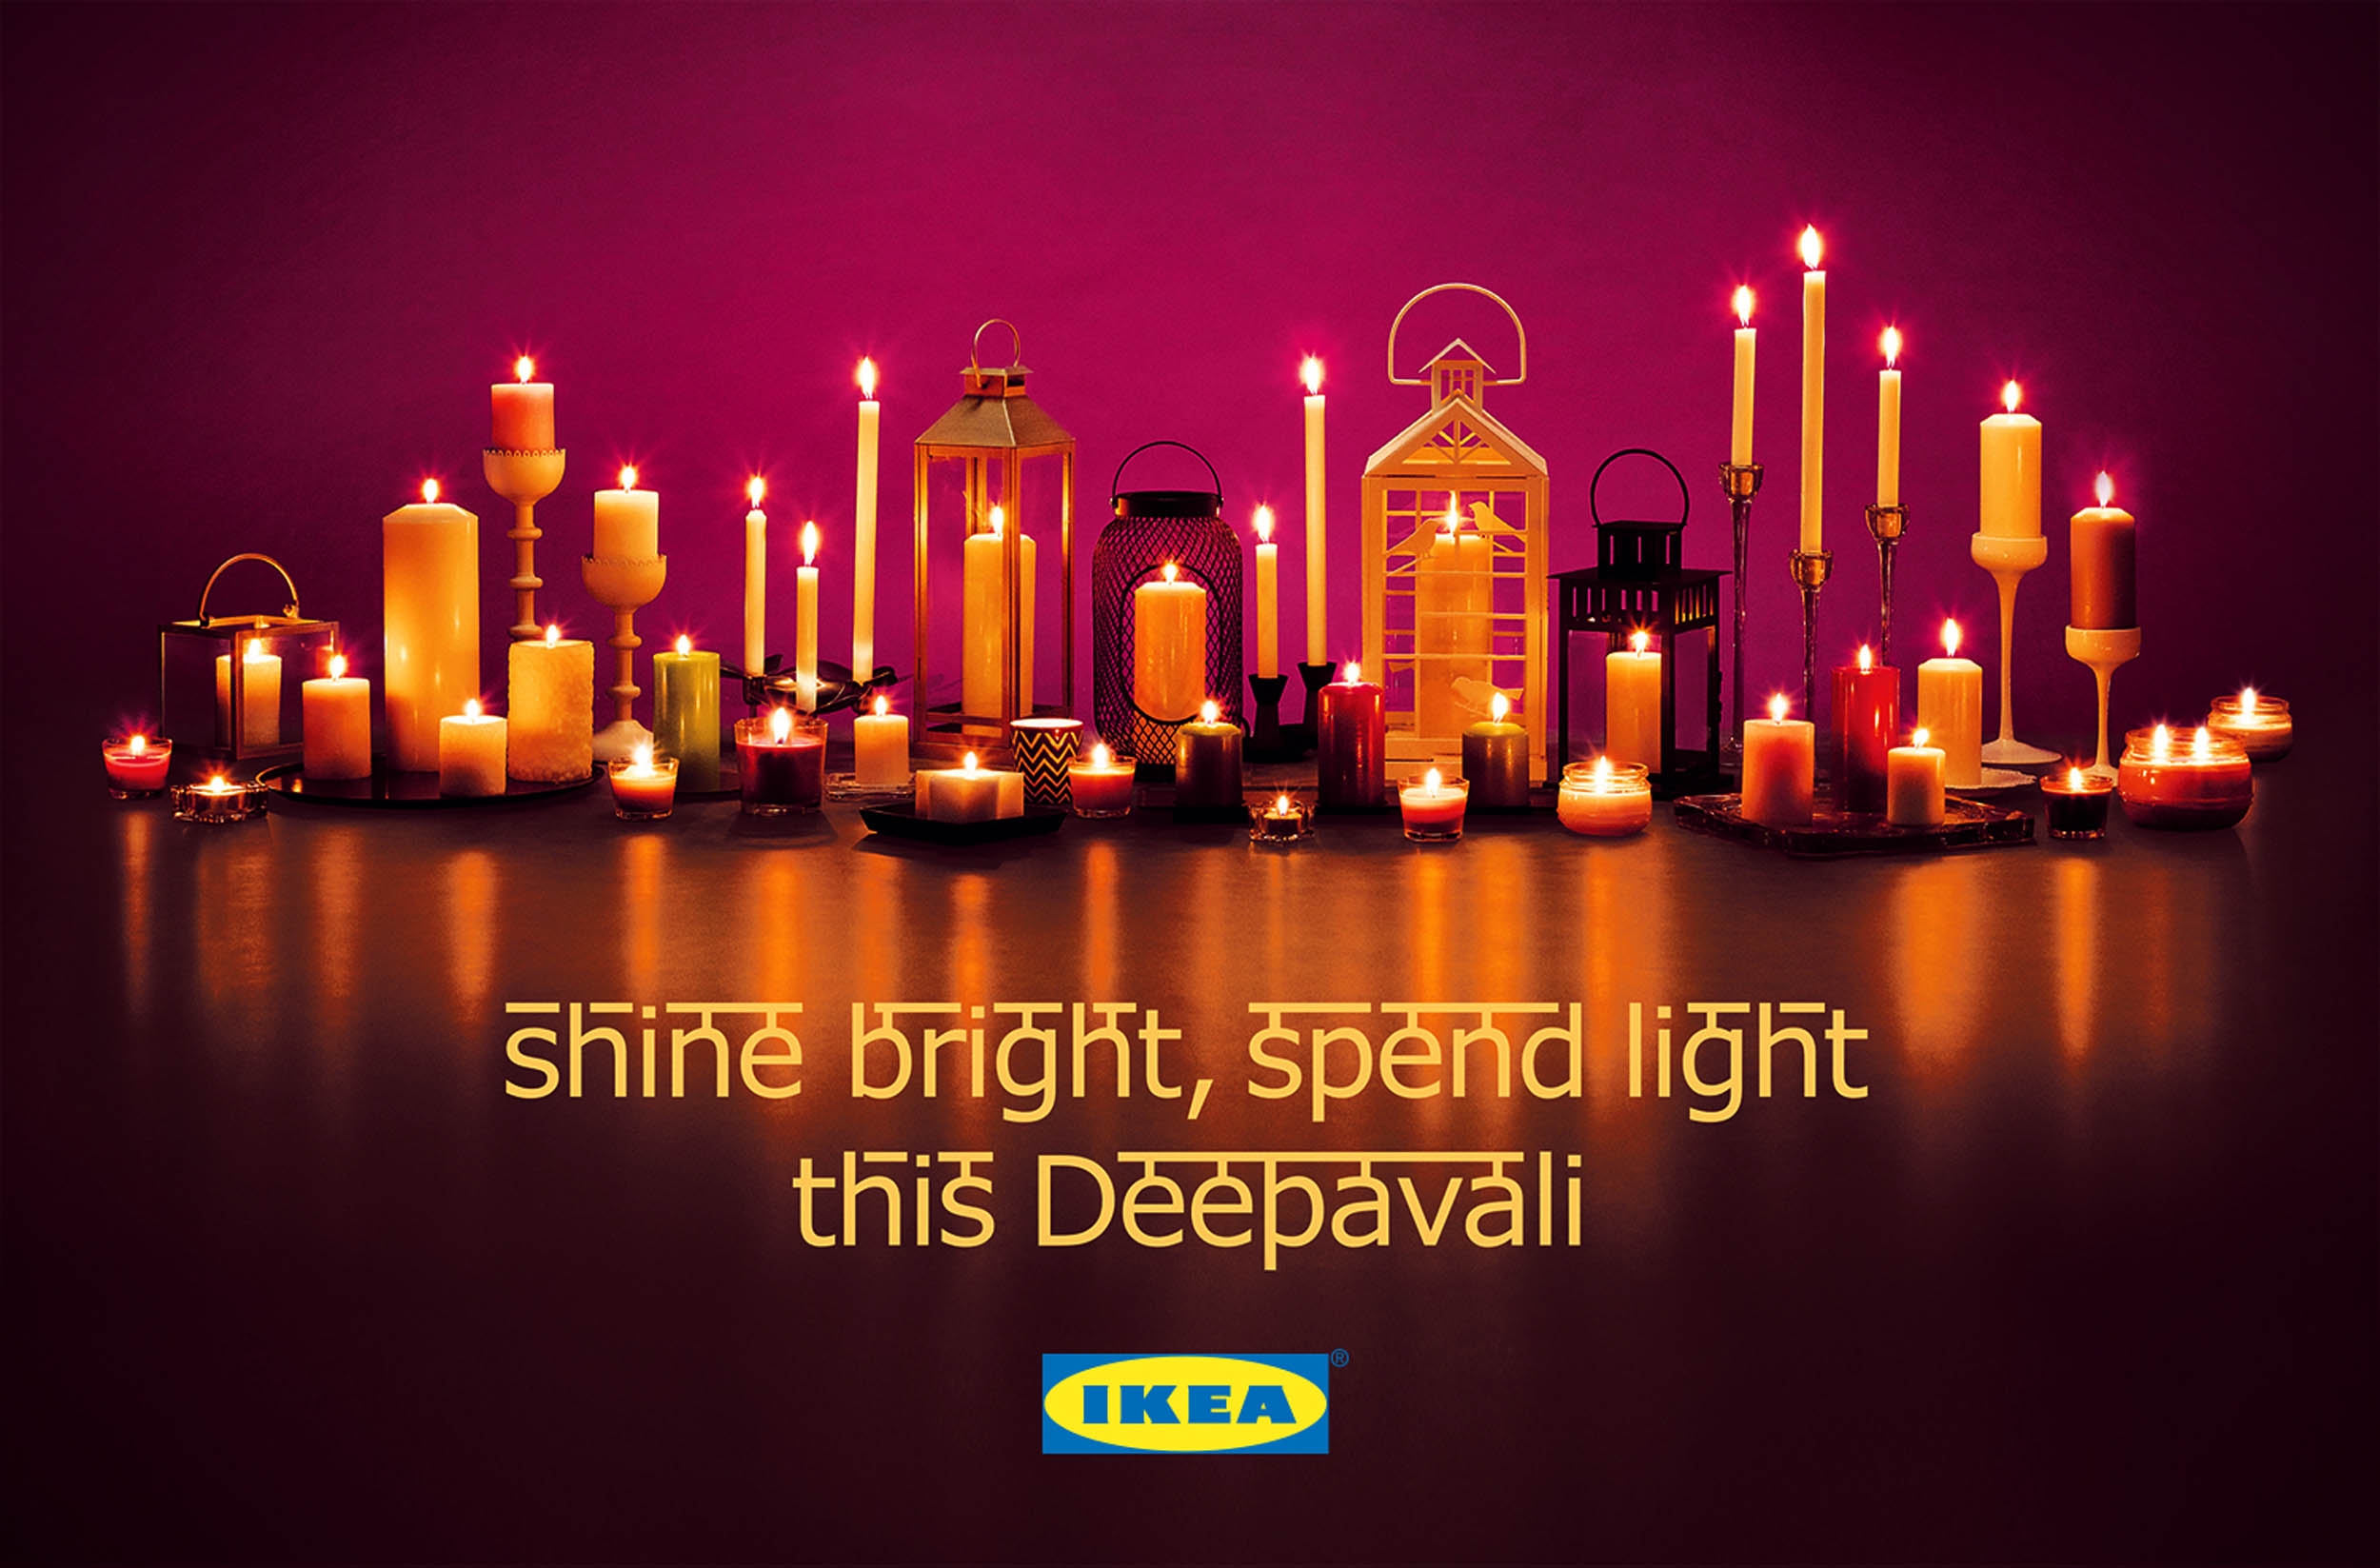 Ikea Deepavali 2016_1500px.jpg